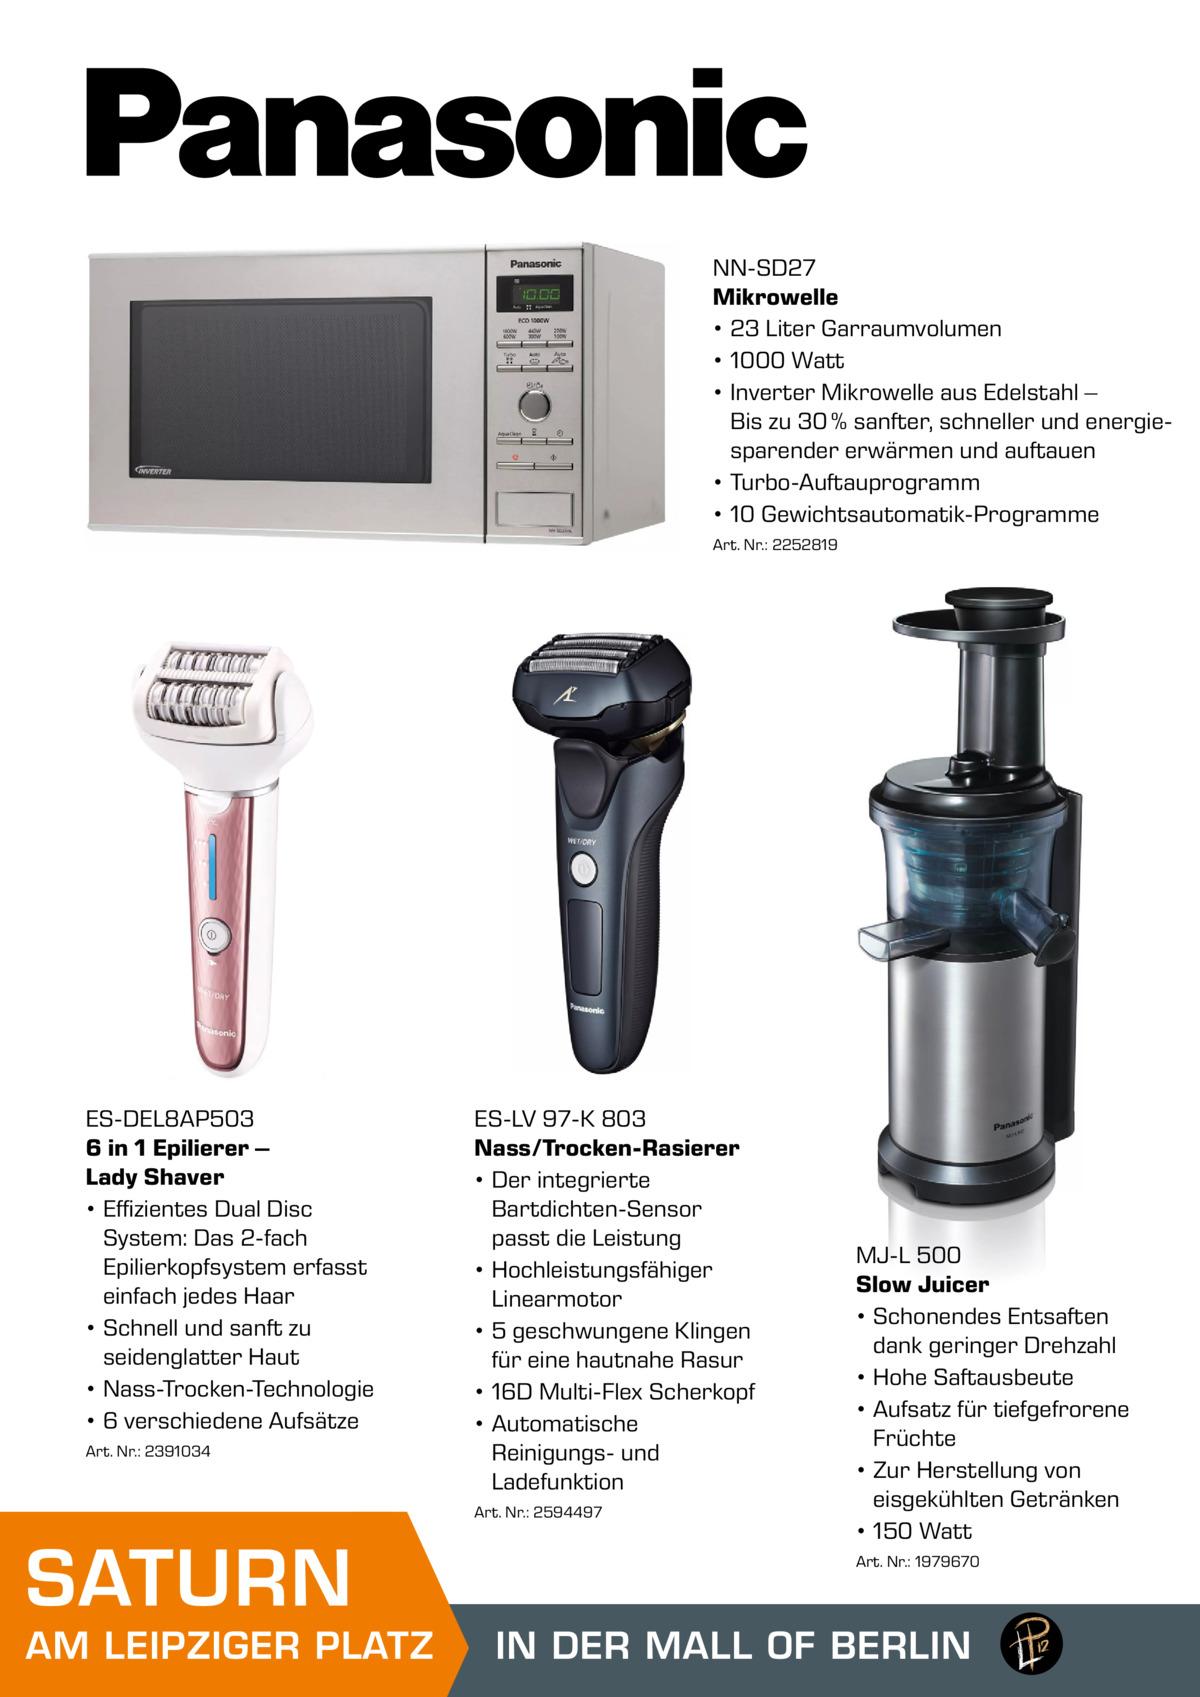 NN-SD27 Mikrowelle • 23 Liter Garraumvolumen • 1000 Watt • Inverter Mikrowelle aus Edelstahl – Bis zu 30 % sanfter, schneller und energiesparender erwärmen und auftauen • Turbo-Auftauprogramm • 10 Gewichtsautomatik-Programme Art. Nr.: 2252819  ES-DEL8AP503 6 in 1 Epilierer – Lady Shaver • Effizientes Dual Disc System: Das 2-fach Epilierkopfsystem erfasst einfach jedes Haar • Schnell und sanft zu seidenglatter Haut • Nass-Trocken-Technologie • 6 verschiedene Aufsätze Art. Nr.: 2391034  ES-LV 97-K 803 Nass/Trocken-Rasierer • Der integrierte Bartdichten-Sensor passt die Leistung • Hochleistungsfähiger Linearmotor • 5 geschwungene Klingen für eine hautnahe Rasur • 16D Multi-Flex Scherkopf • Automatische Reinigungs- und Ladefunktion Art. Nr.: 2594497  SATURN  AM LEIPZIGER PLATZ  MJ-L 500 Slow Juicer • Schonendes Entsaften dank geringer Drehzahl • Hohe Saftausbeute • Aufsatz für tiefgefrorene Früchte • Zur Herstellung von eisgekühlten Getränken • 150 Watt Art. Nr.: 1979670  IN DER MALL OF BERLIN MALL OF BERLIN